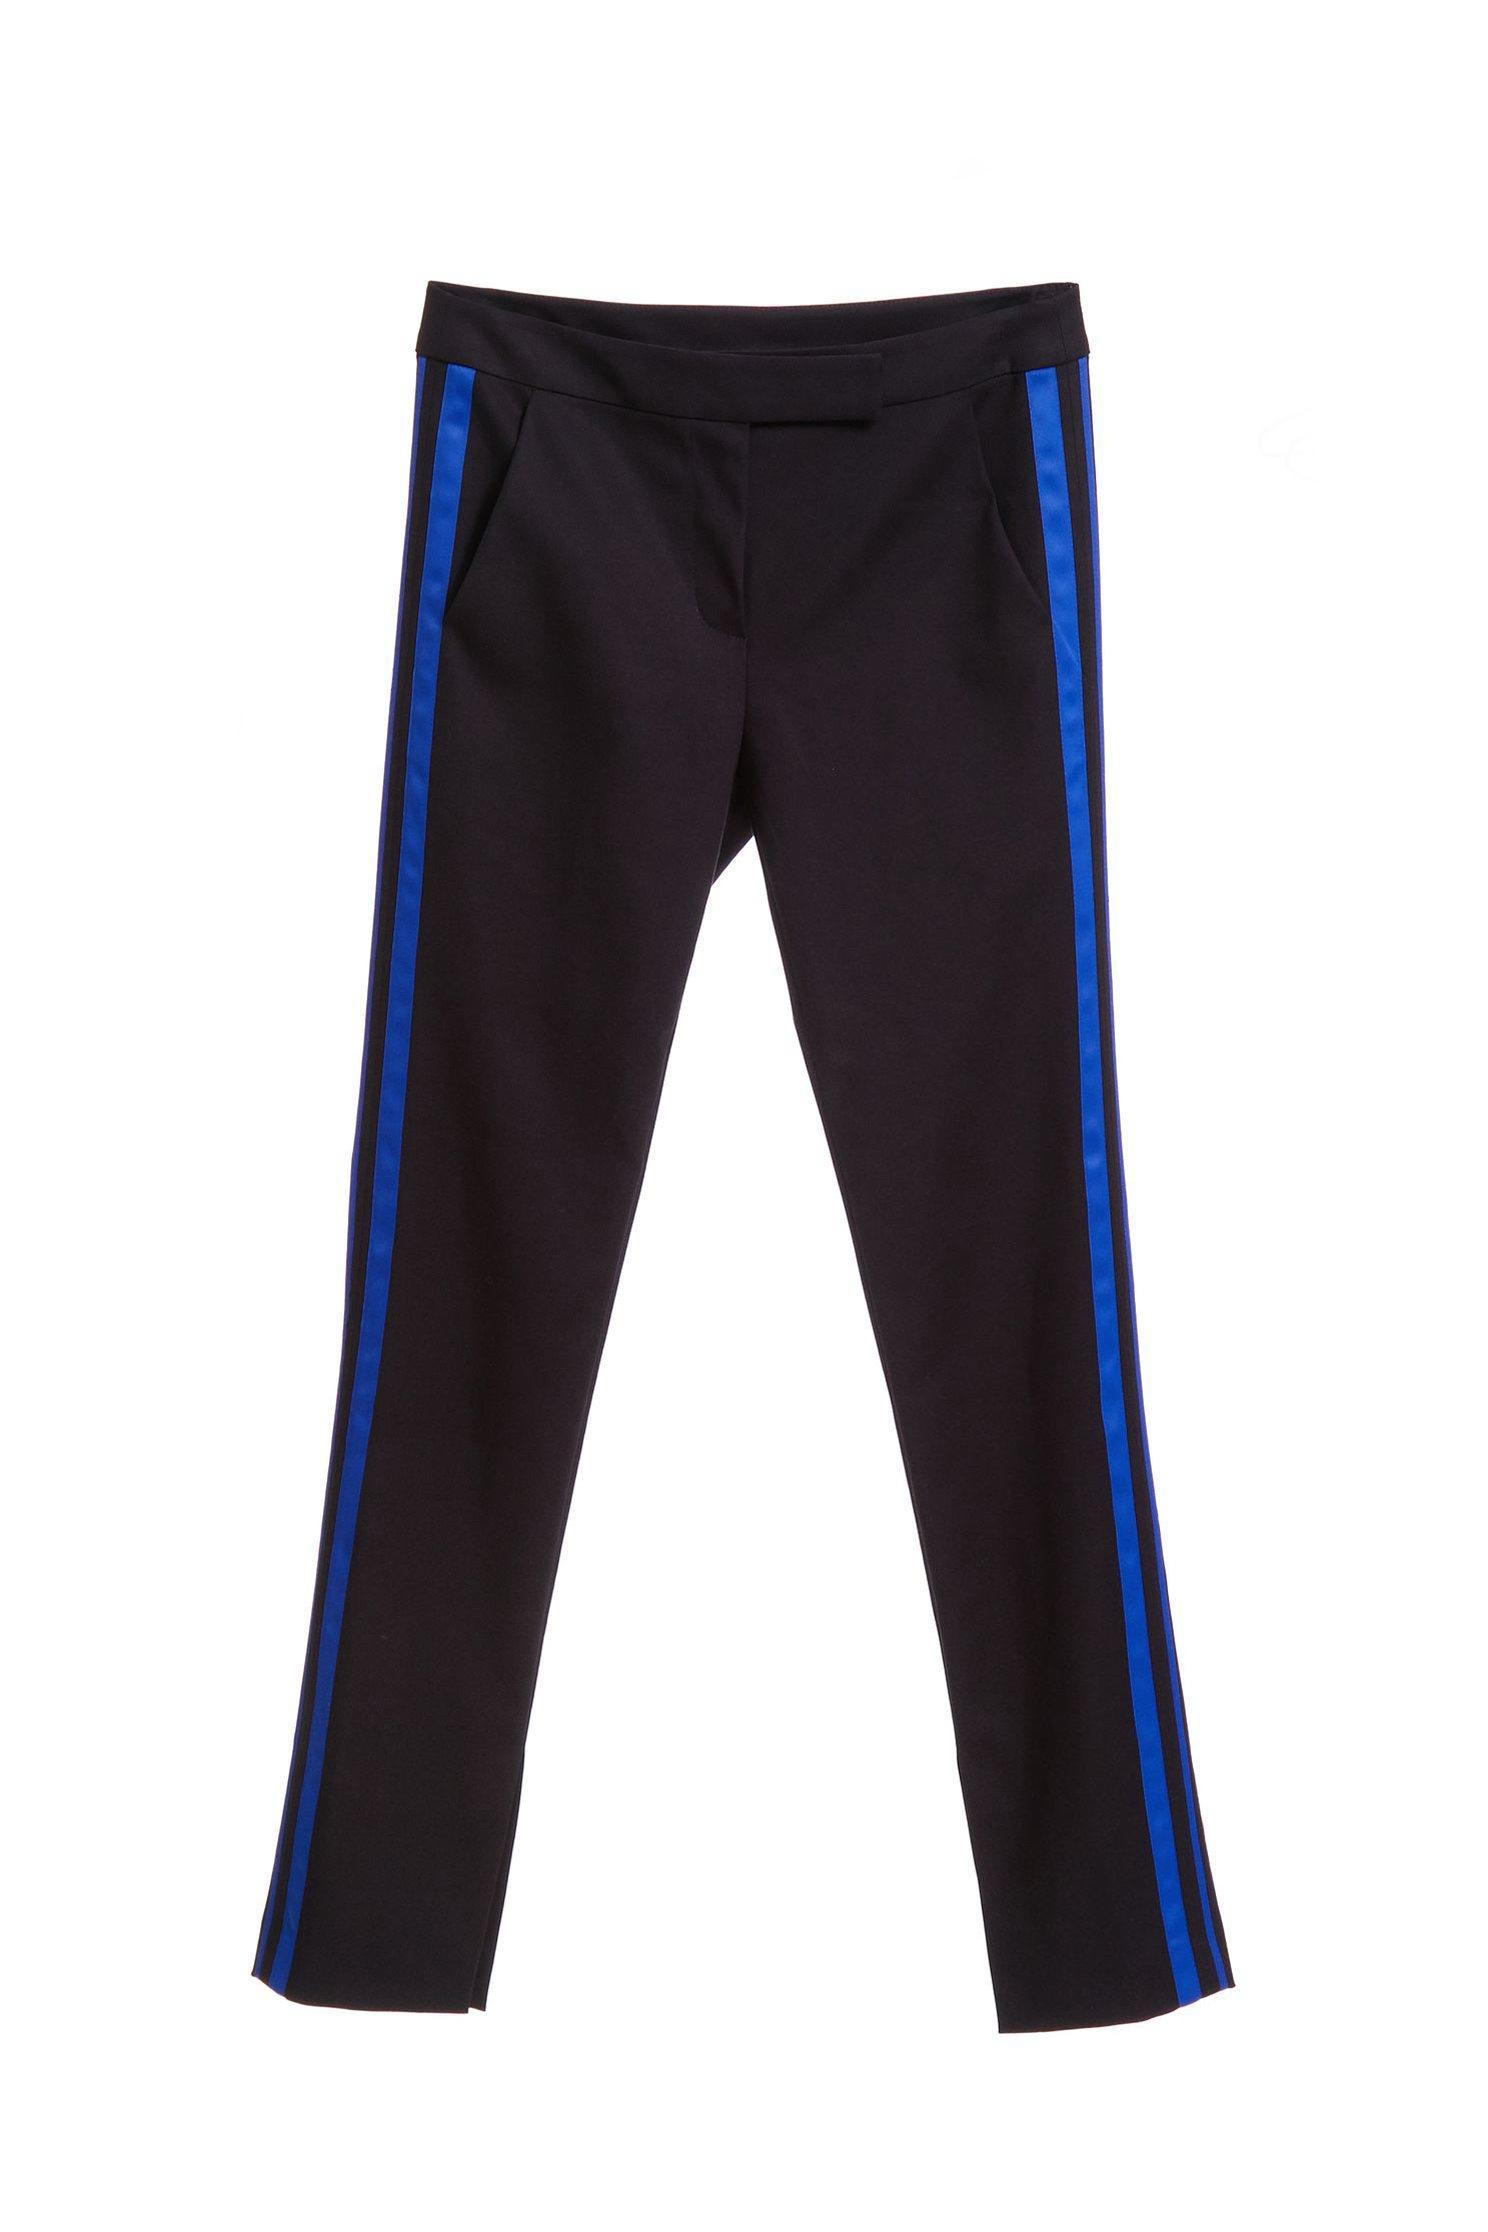 Urban fashion pants